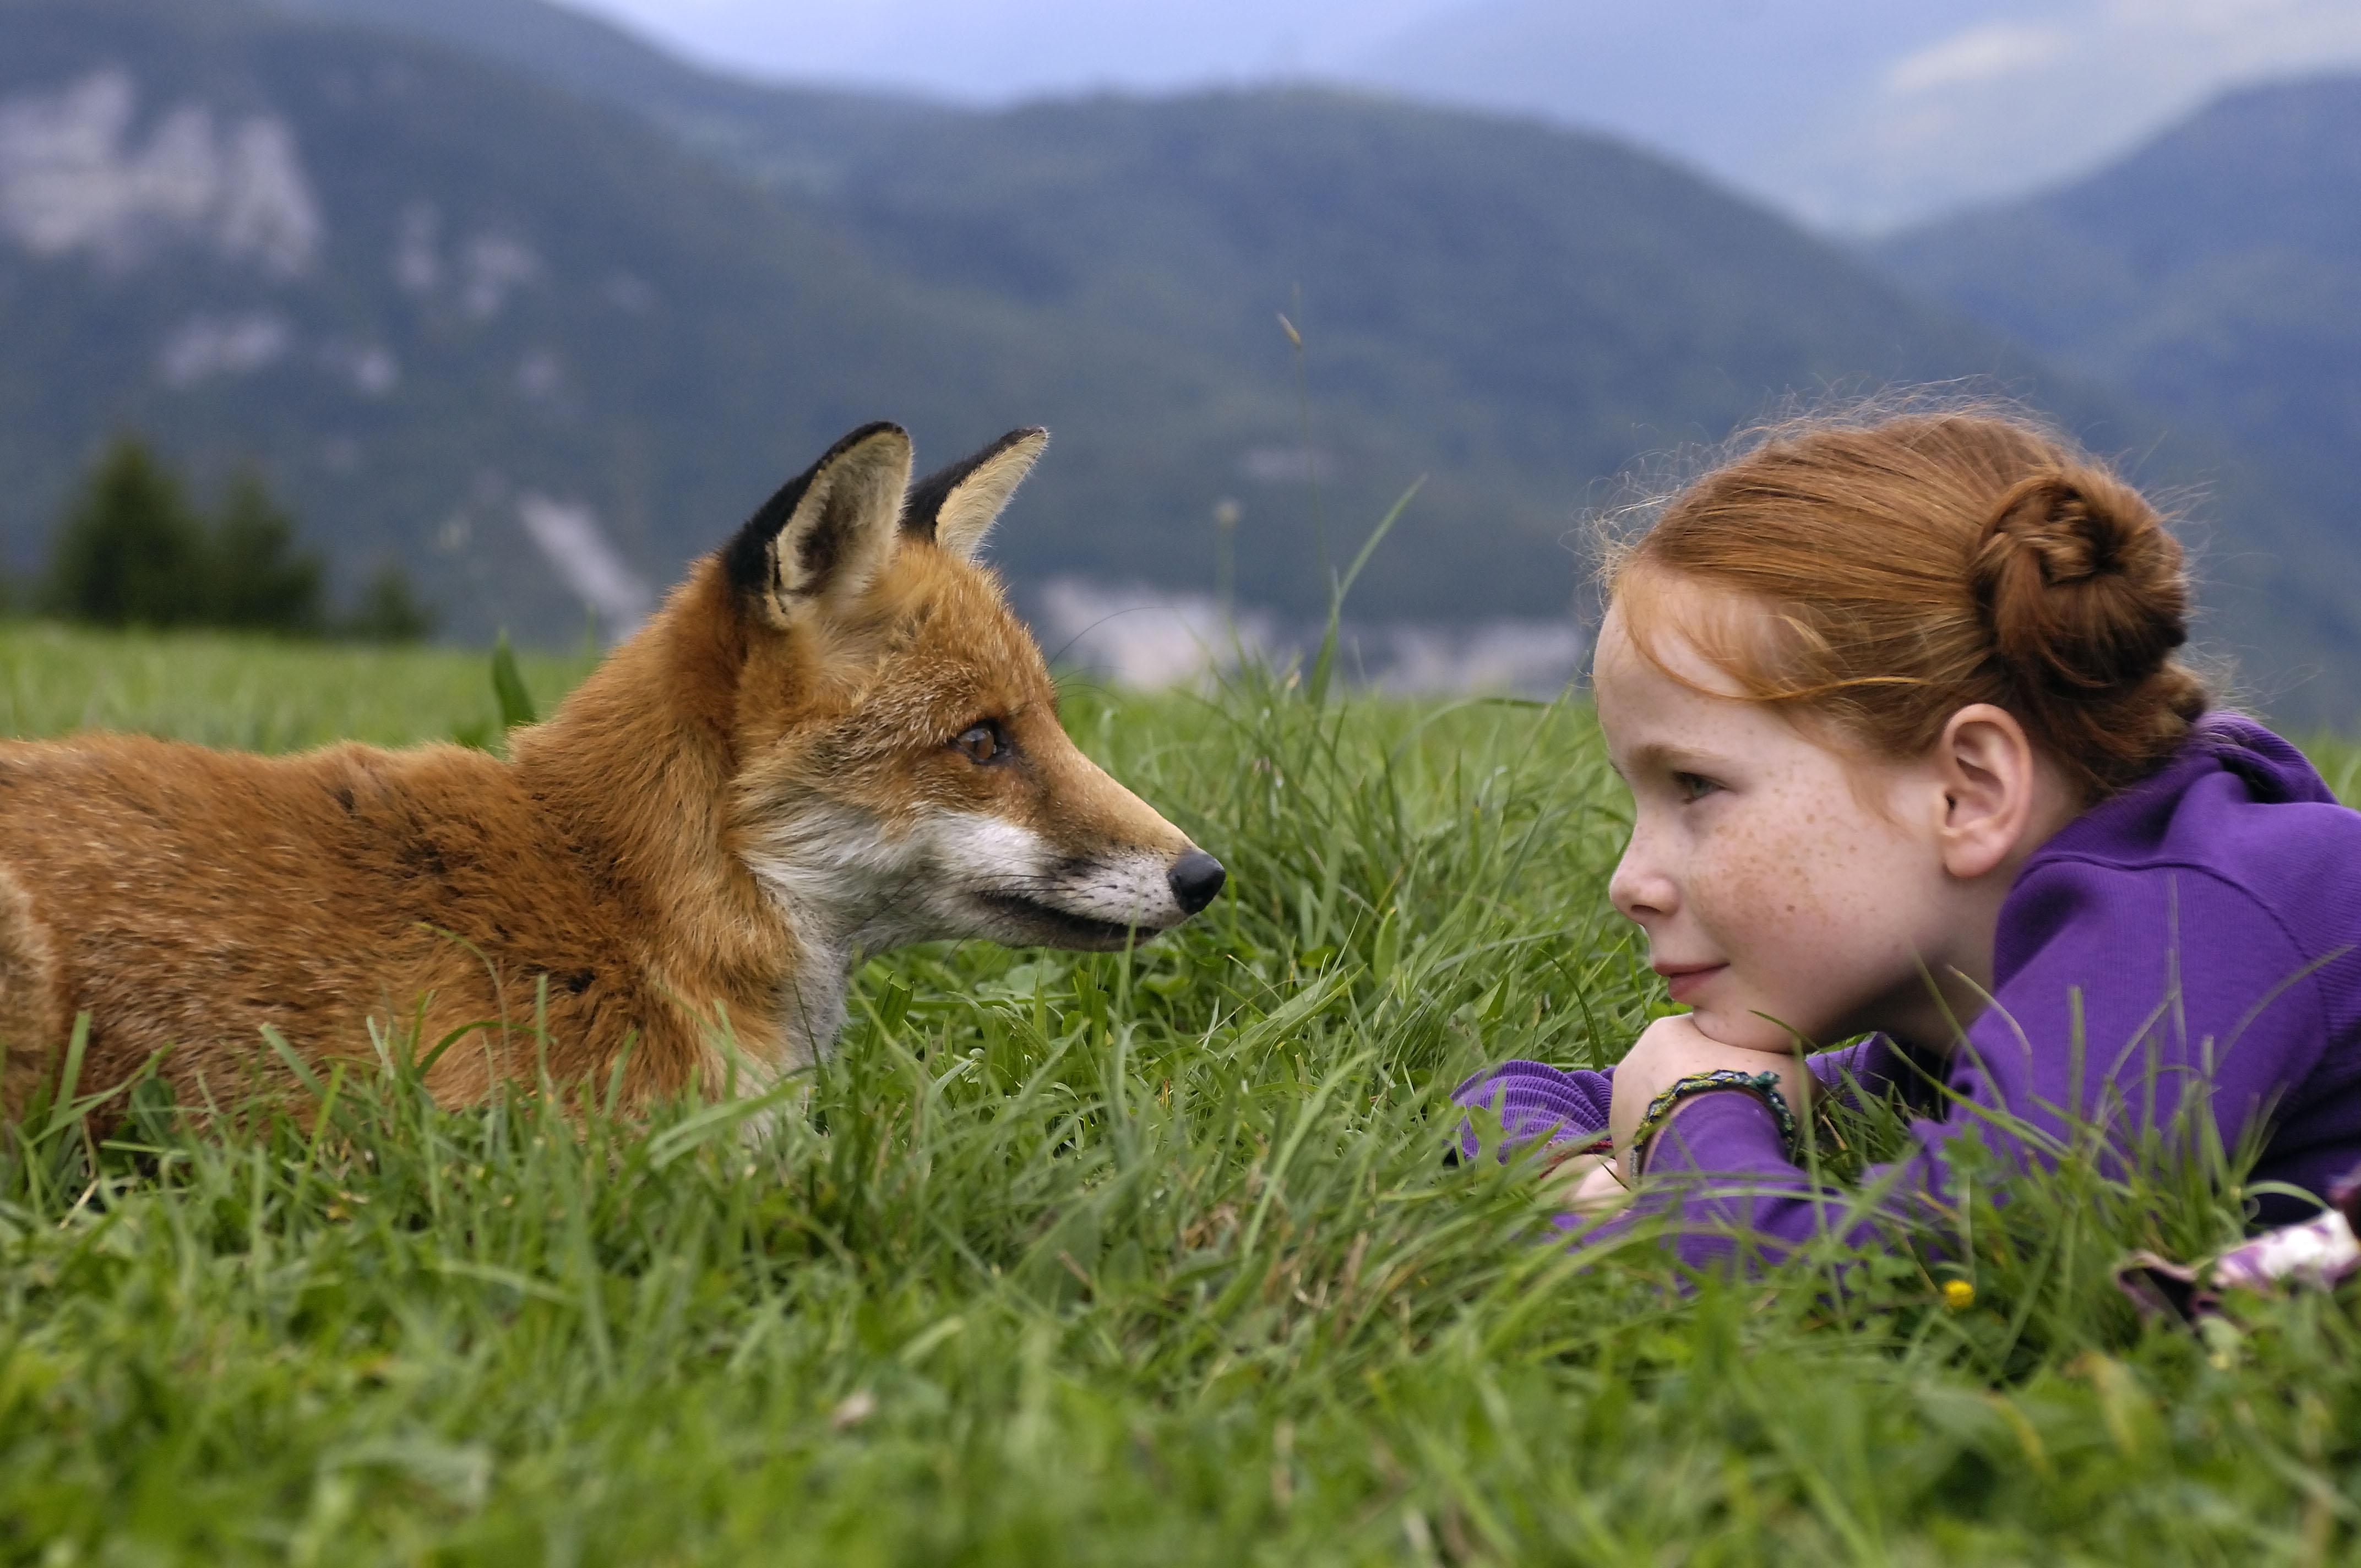 Filmai apie draugyste vaikams